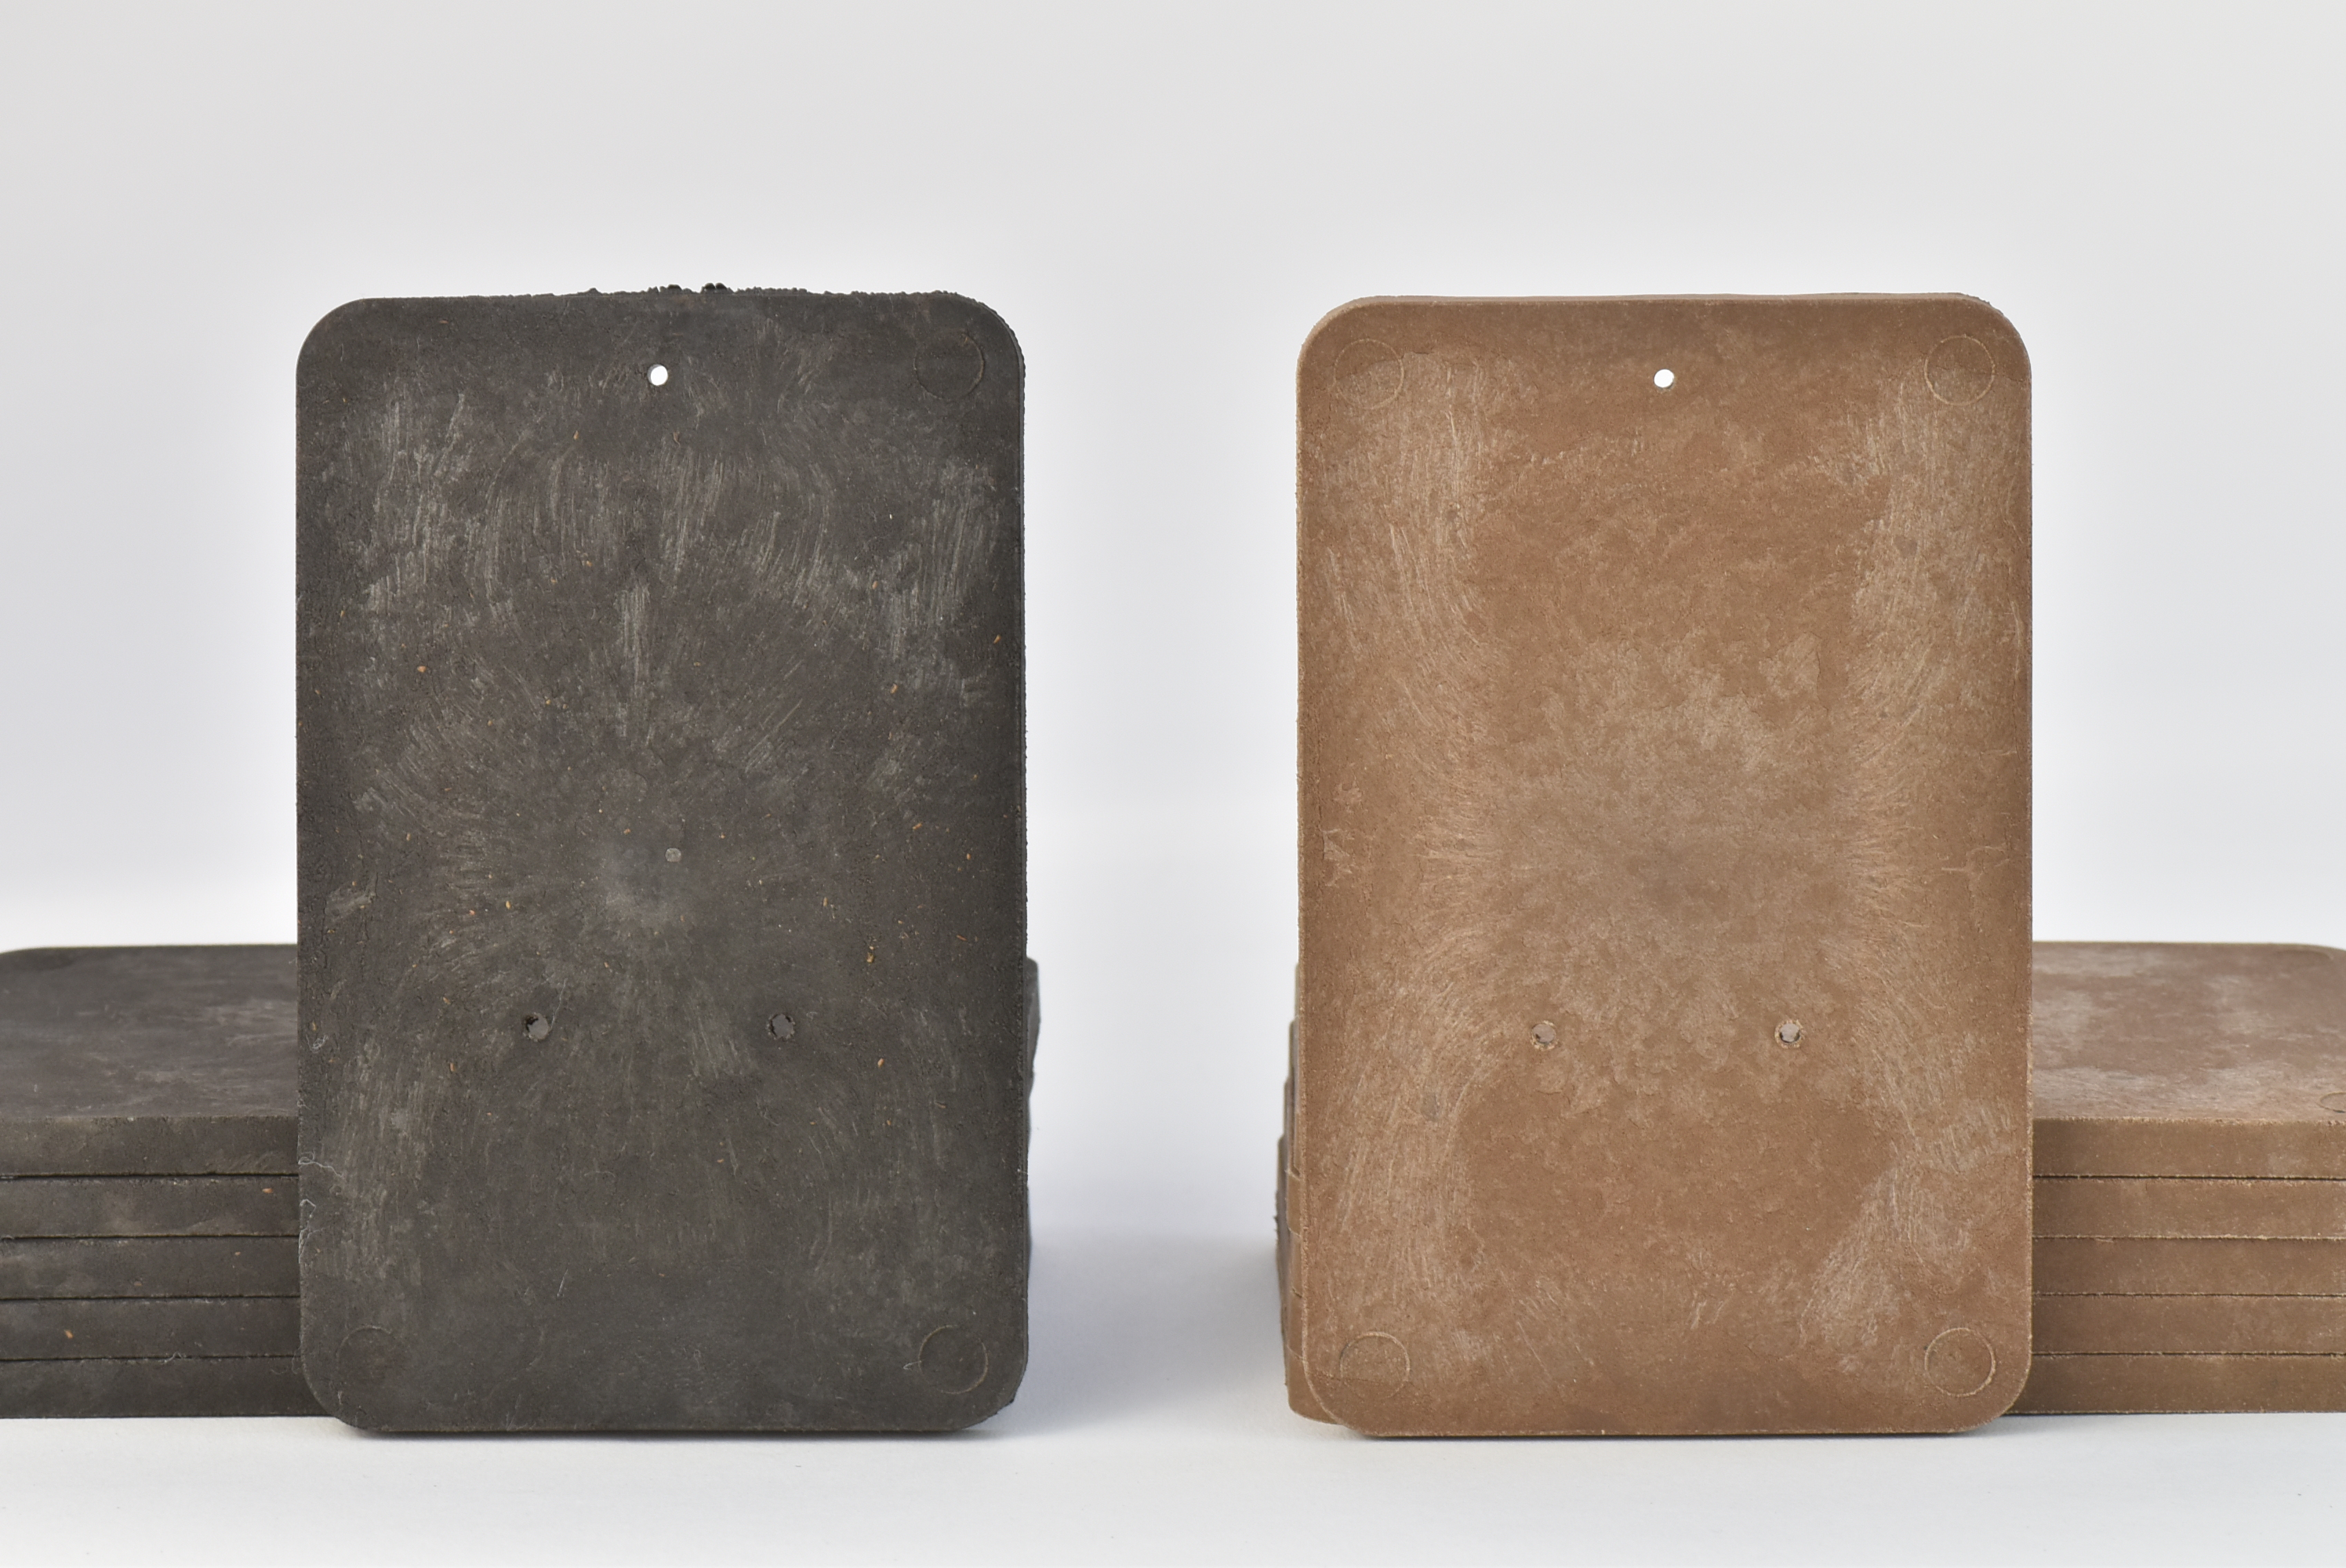 バイオマスプレート 6枚セット【送料込み】 擬木素材 着生材 壁掛け